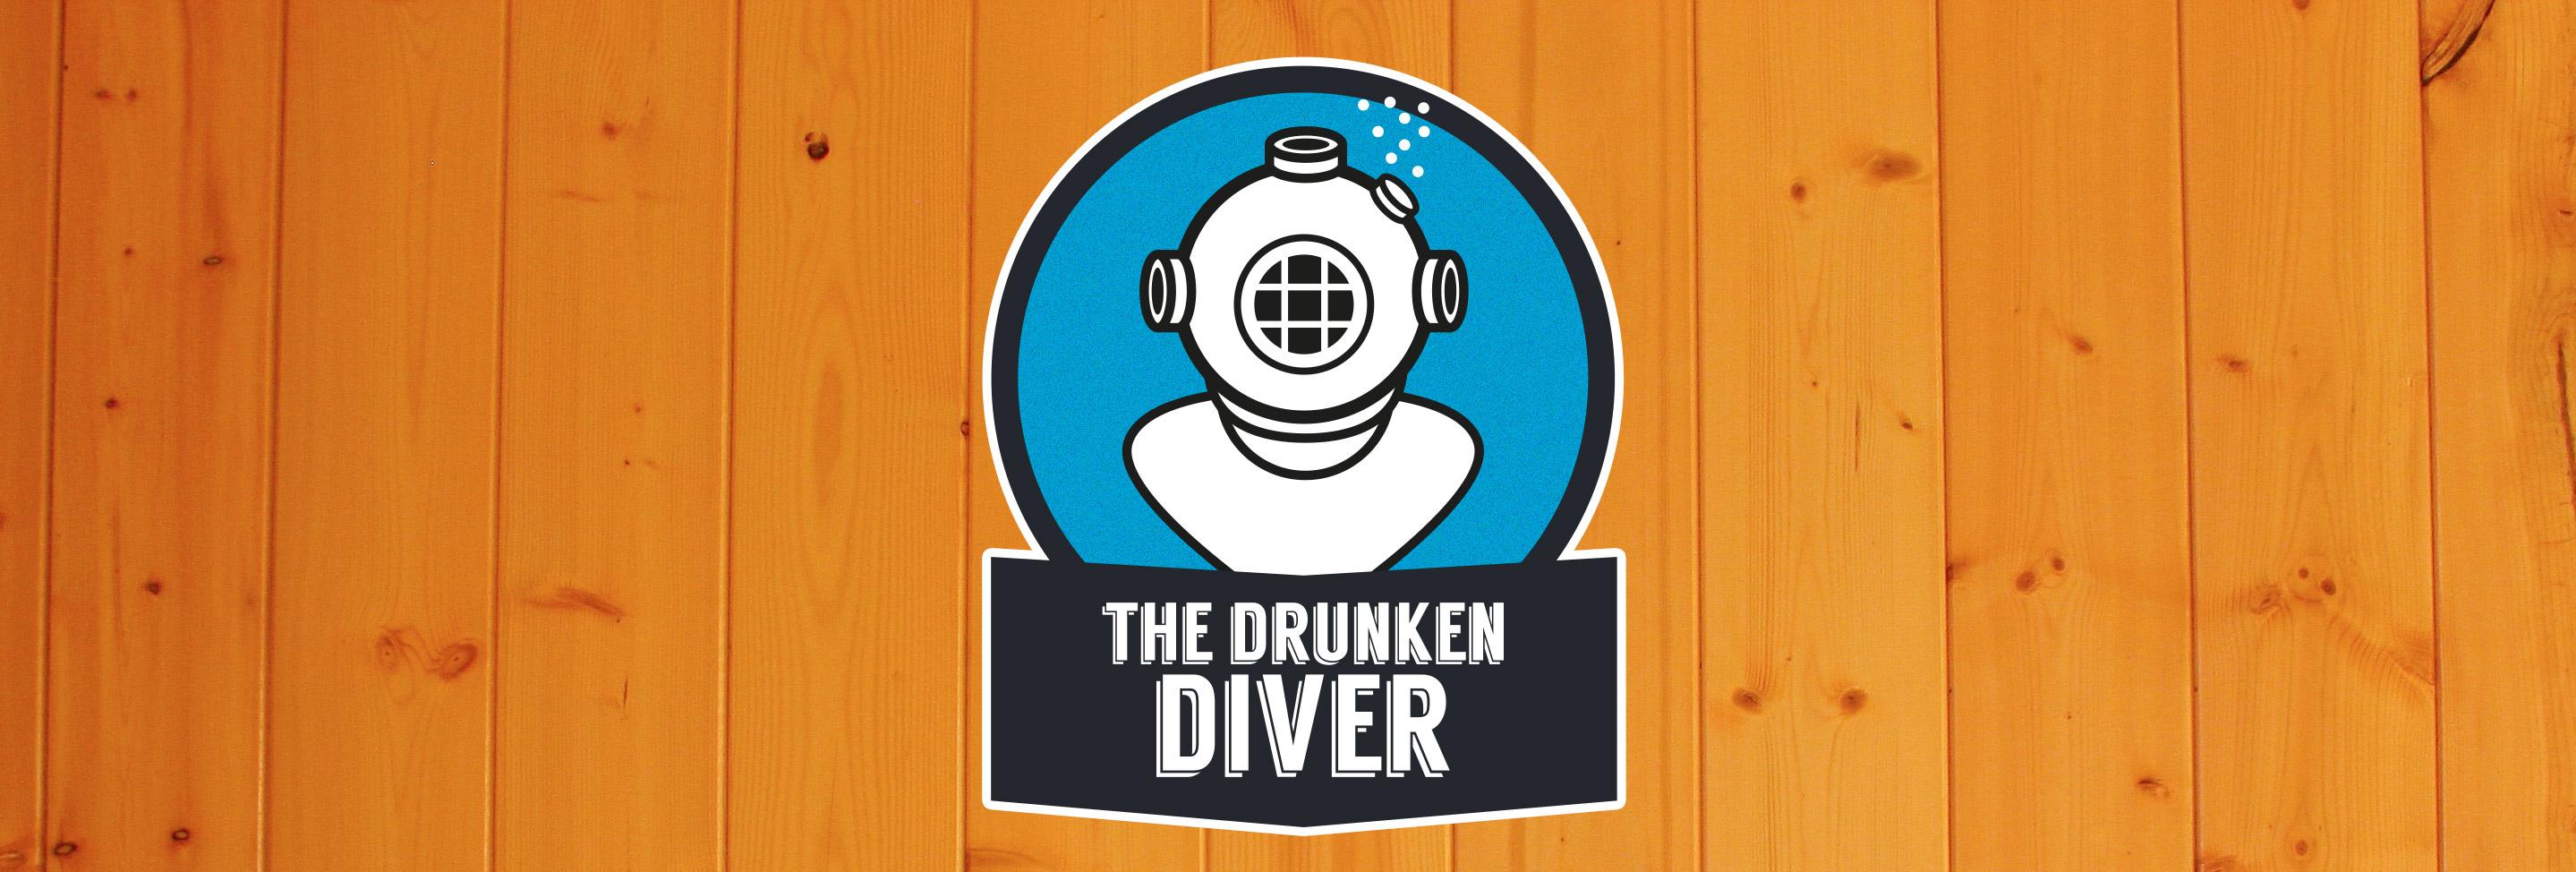 drunken_diver